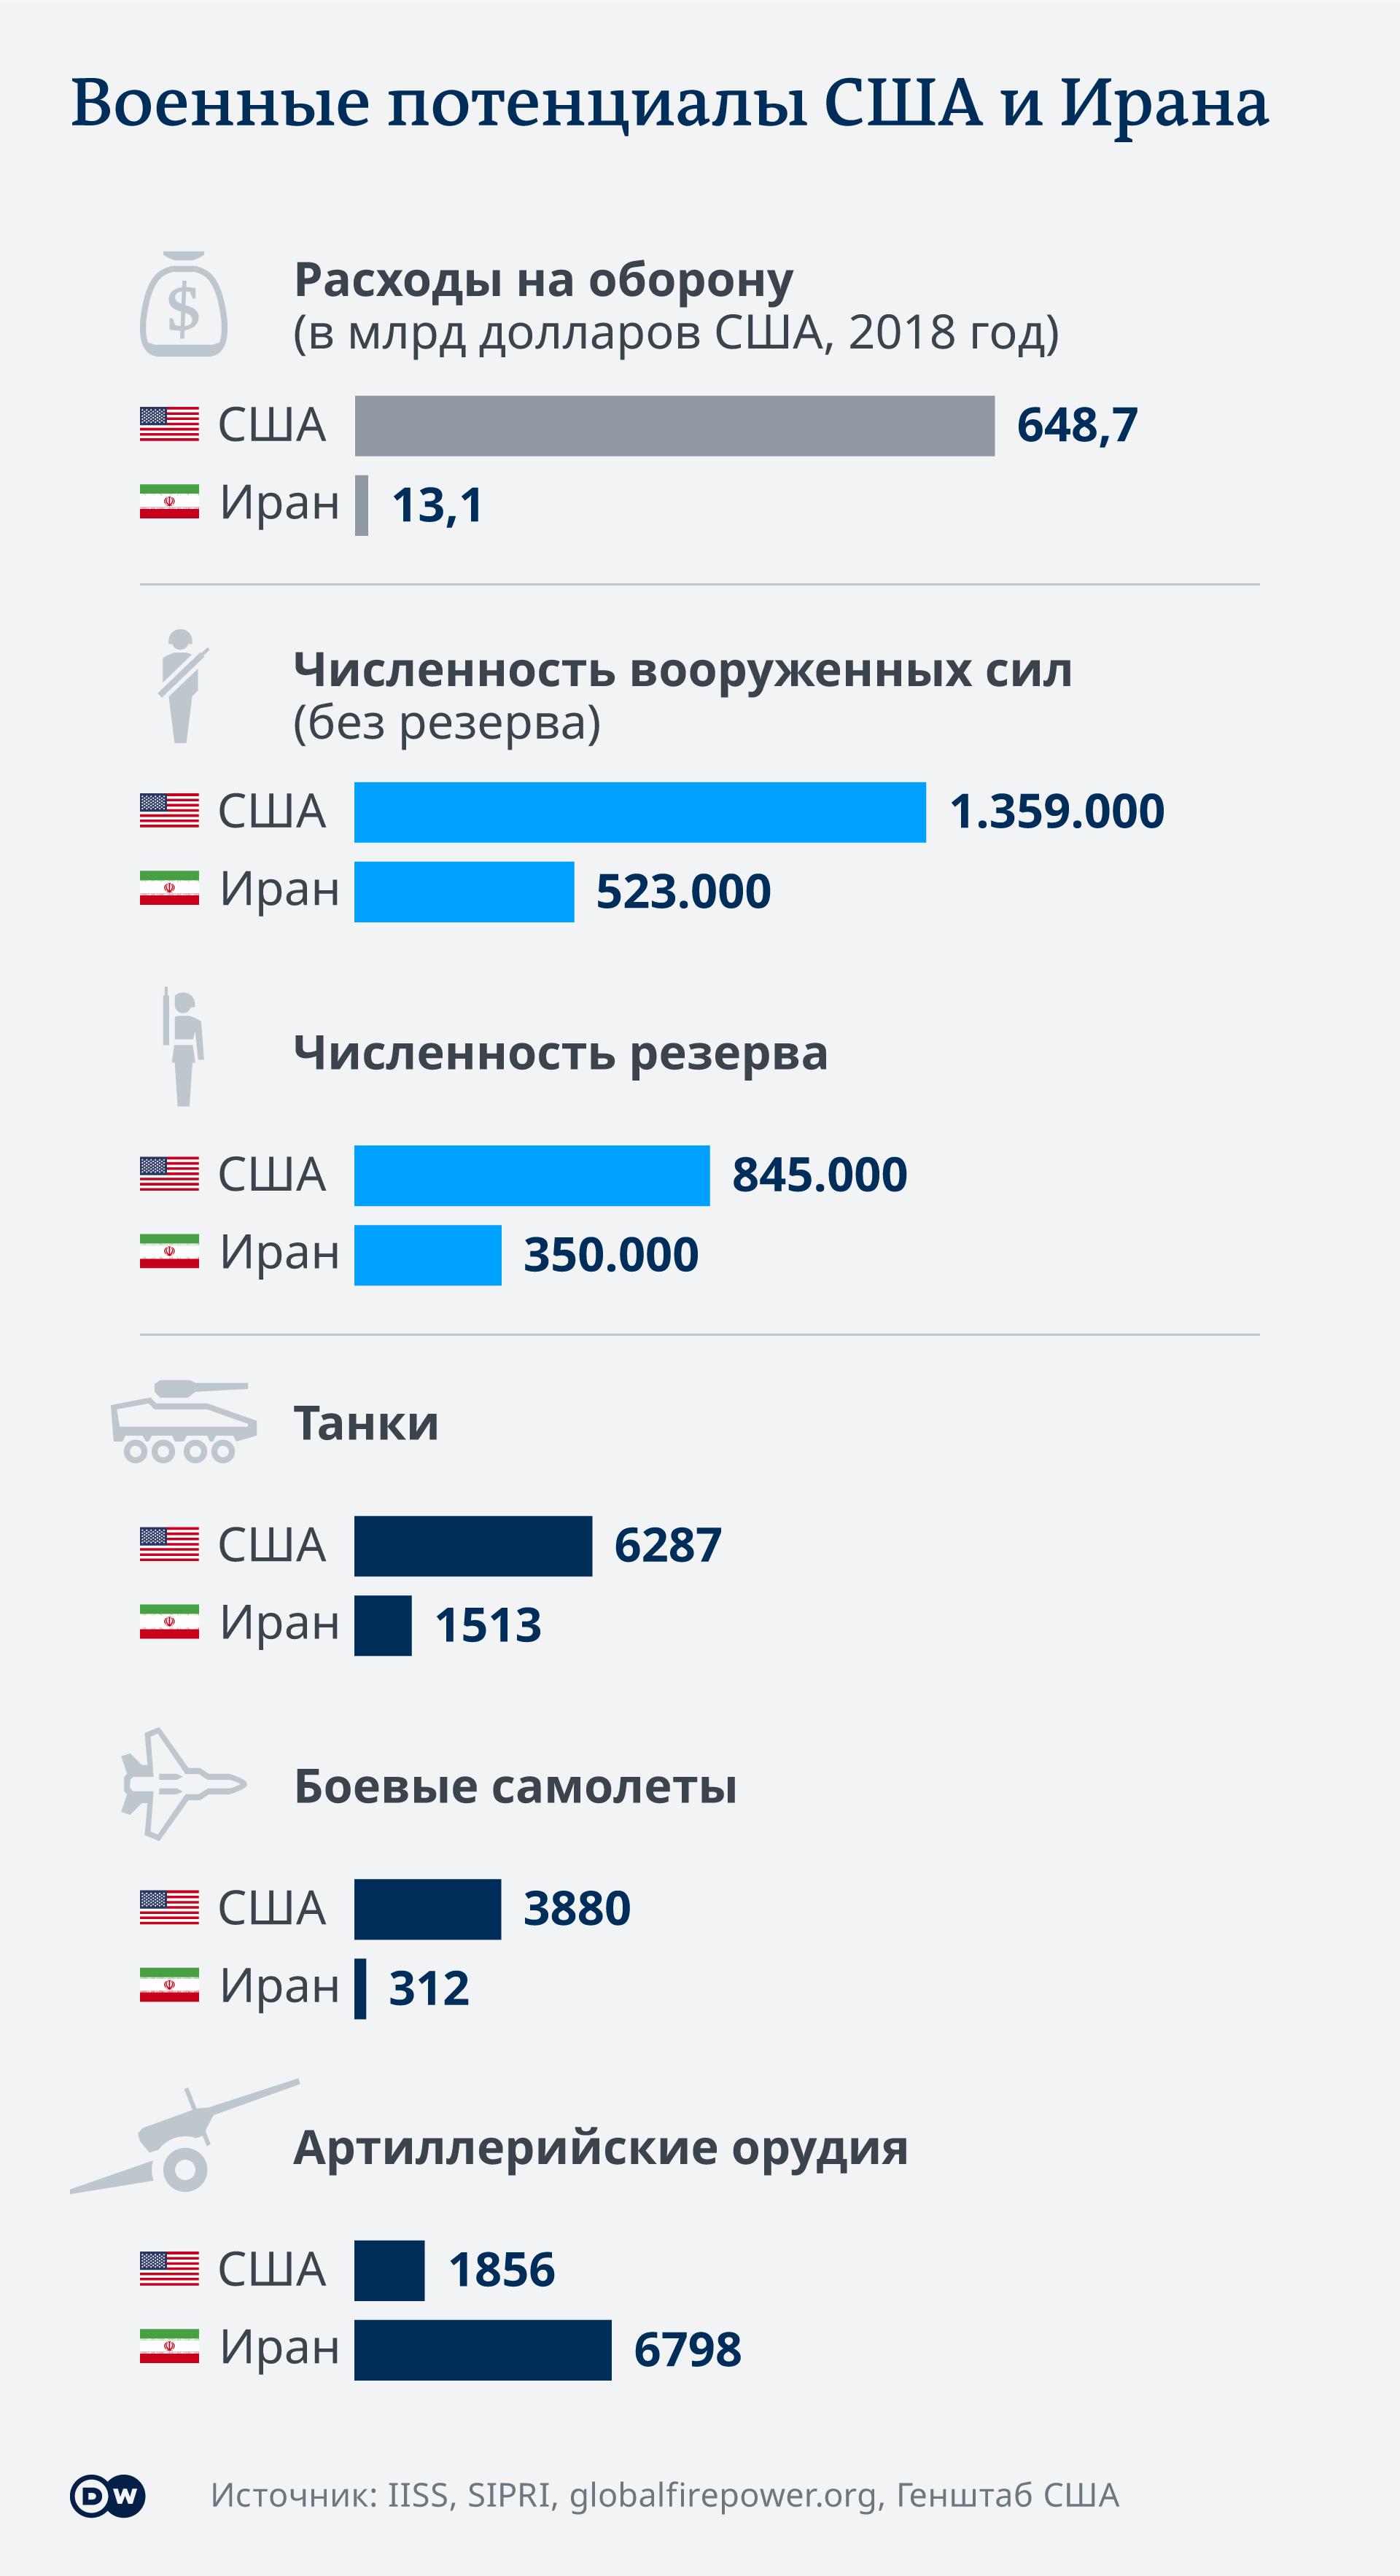 Инфографика Военные потенциалы США и Ирана